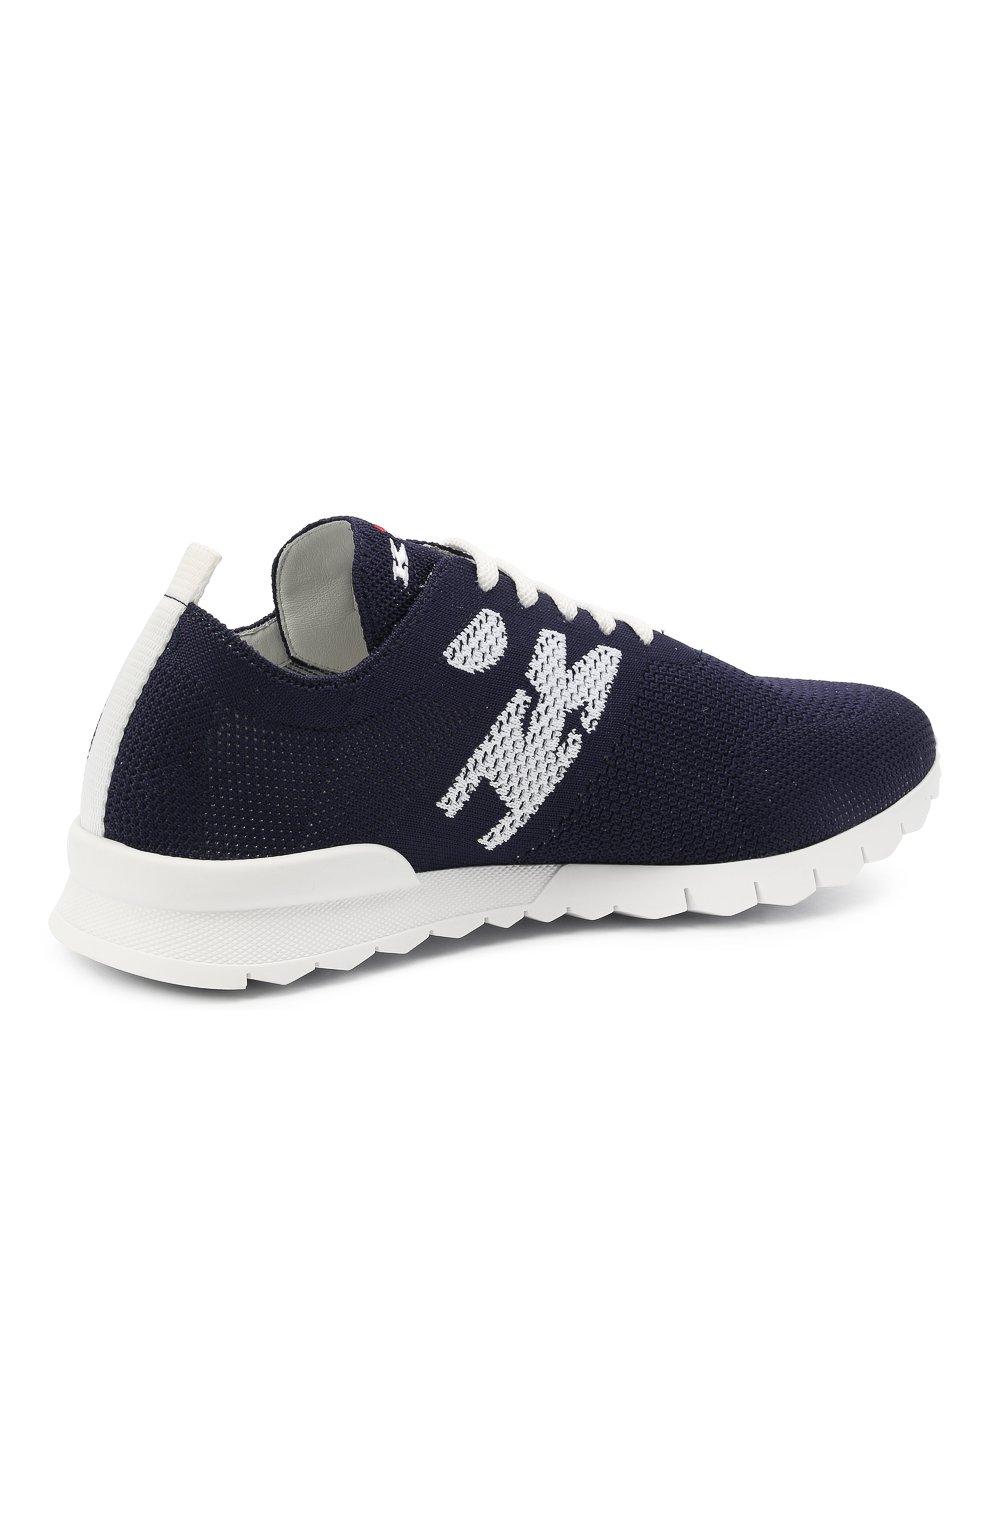 Мужские текстильные кроссовки KITON темно-синего цвета, арт. USSKD0TN00819 | Фото 4 (Материал внешний: Текстиль; Материал внутренний: Натуральная кожа; Подошва: Массивная; Стили: Спорт)